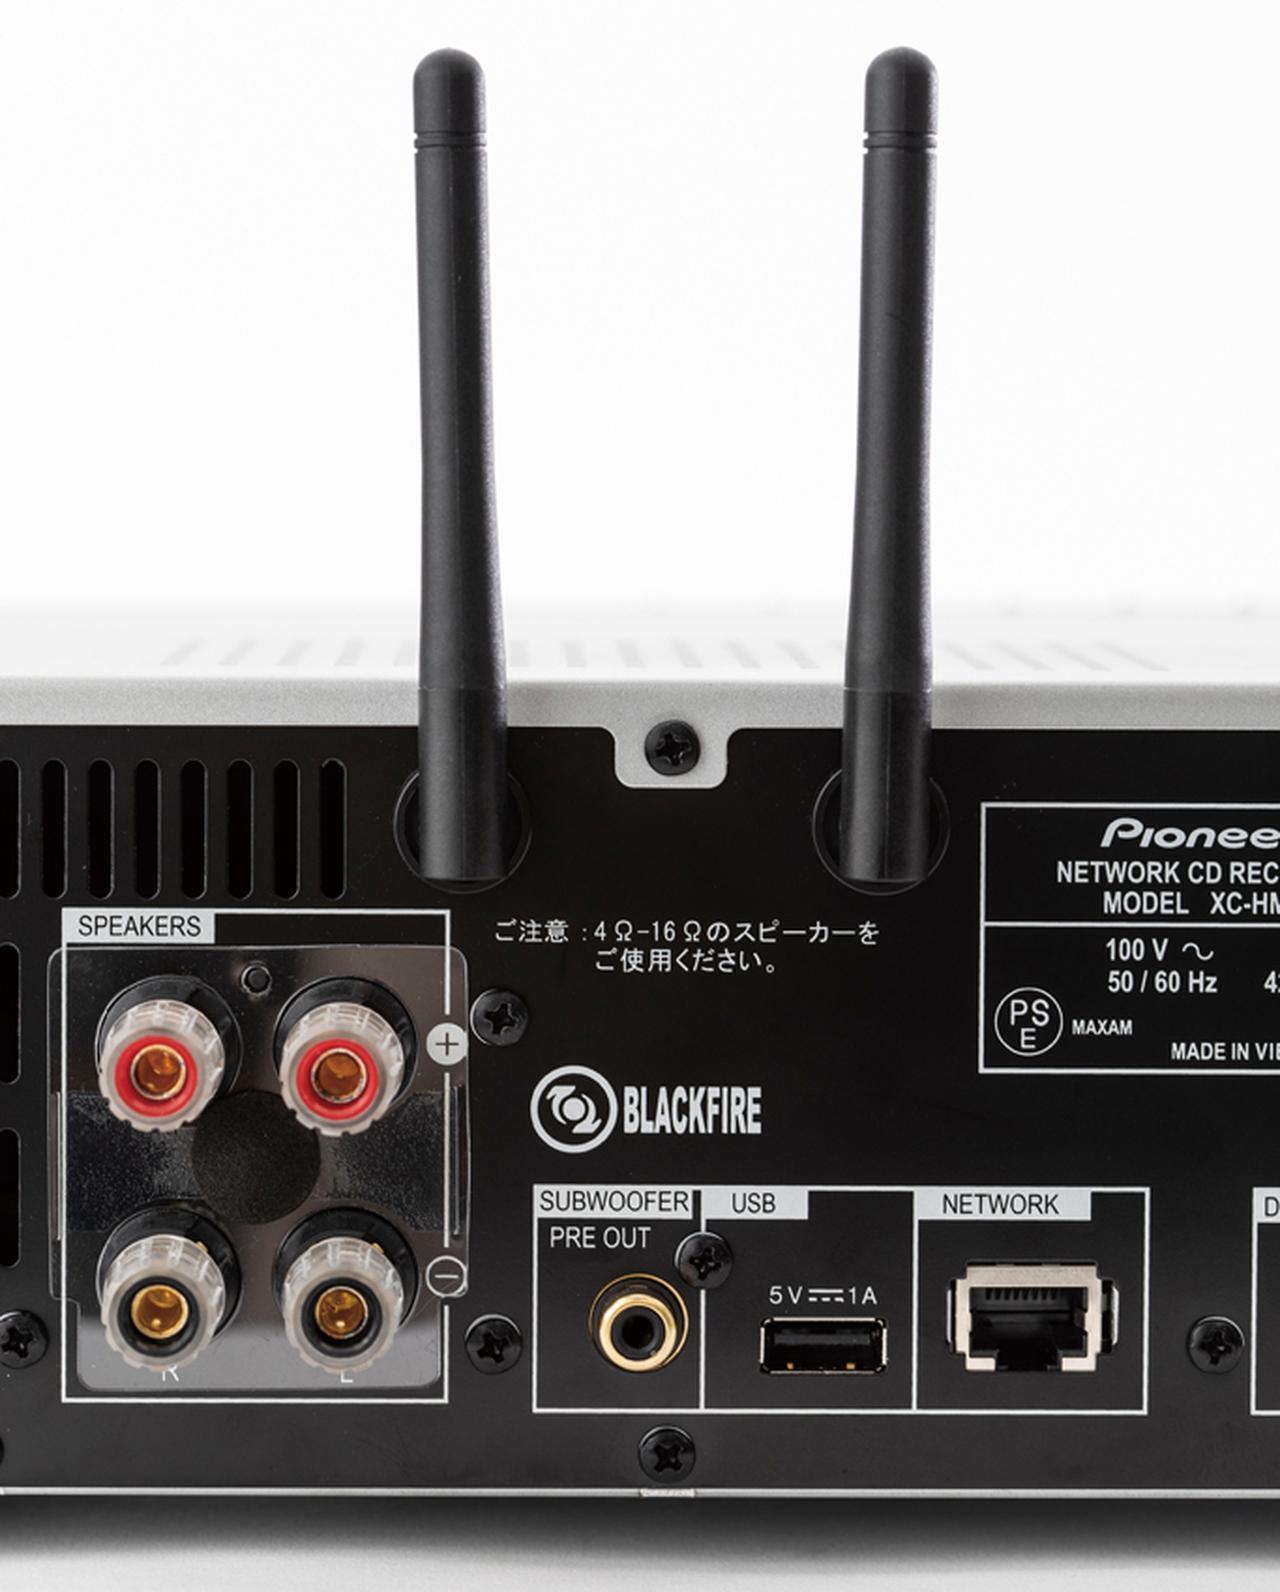 画像: Wi-Fi用アンテナとLAN端子を備え、HDD増設用のUSB端子もある。スピーカー端子はバナナプラグ対応。